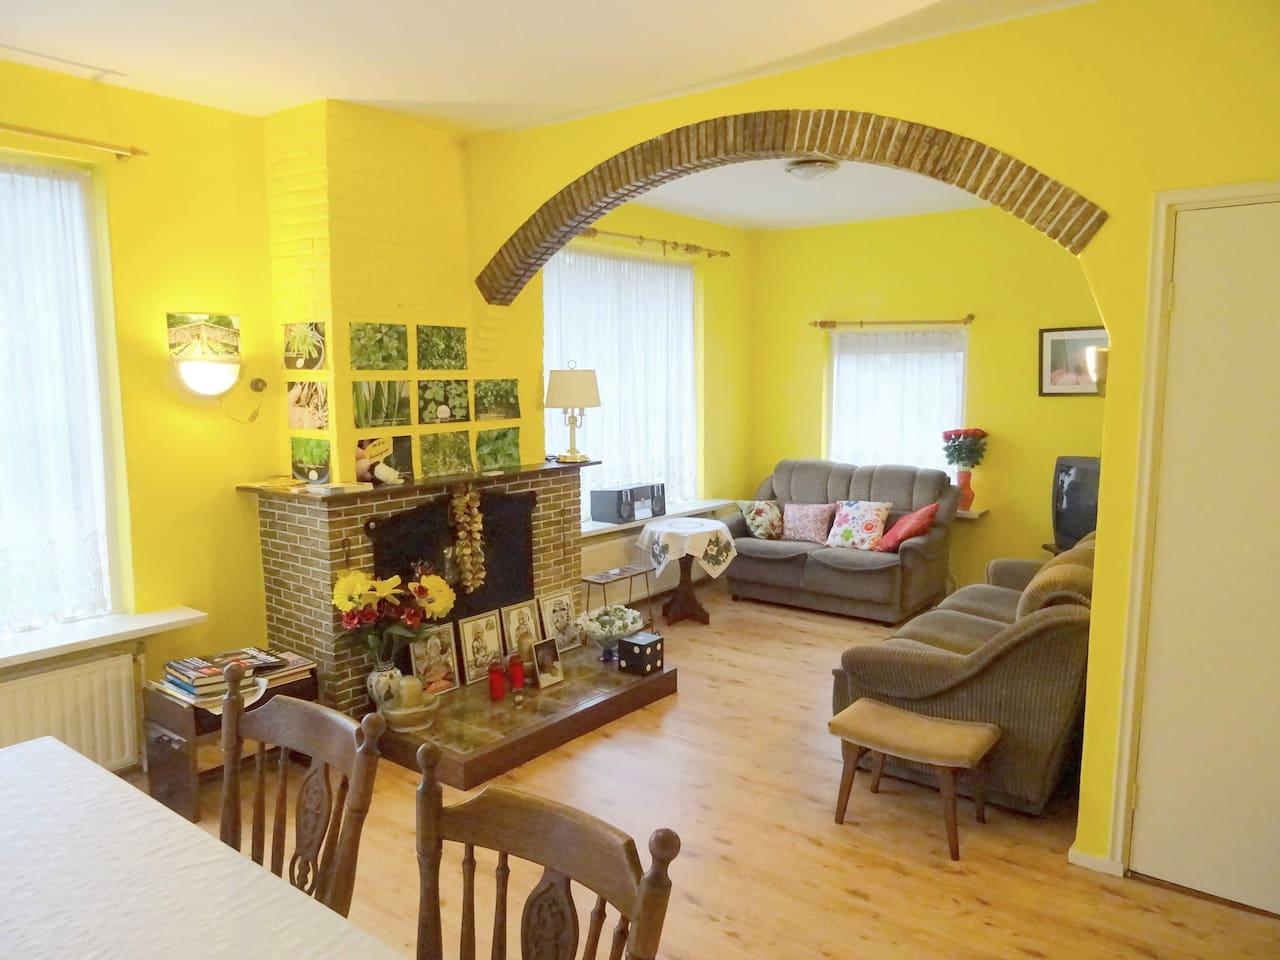 Licht en ruimte kenmerken de gezellige woonkamer.